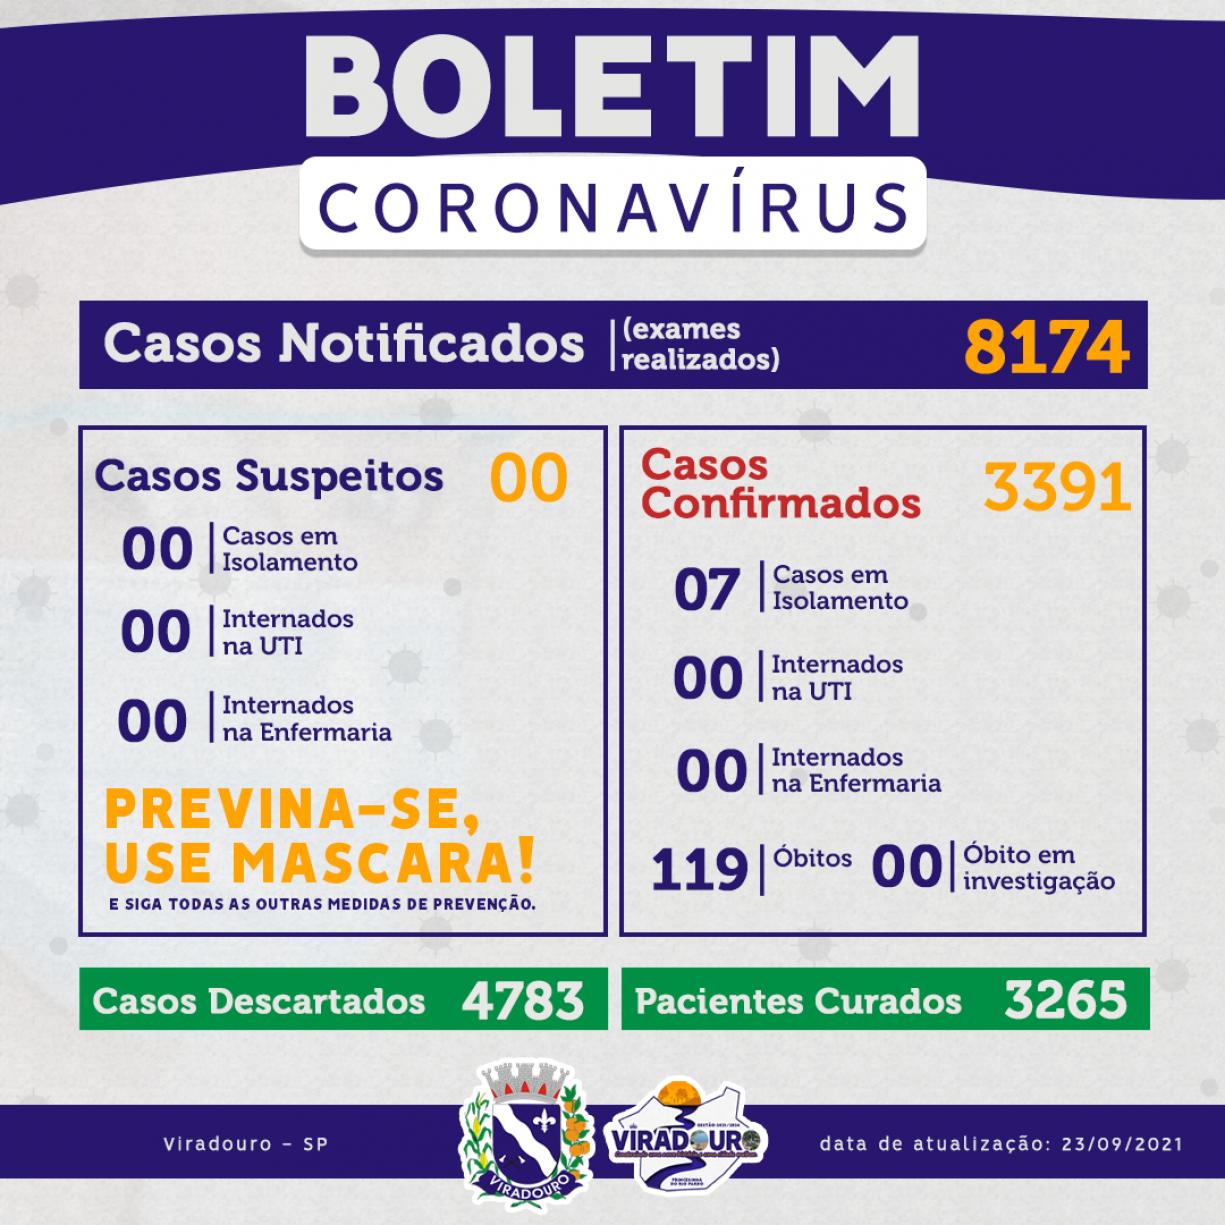 CORONAVÍRUS: BOLETIM EPIDEMIOLÓGICO (ATUALIZAÇÃO 23/09/2021)